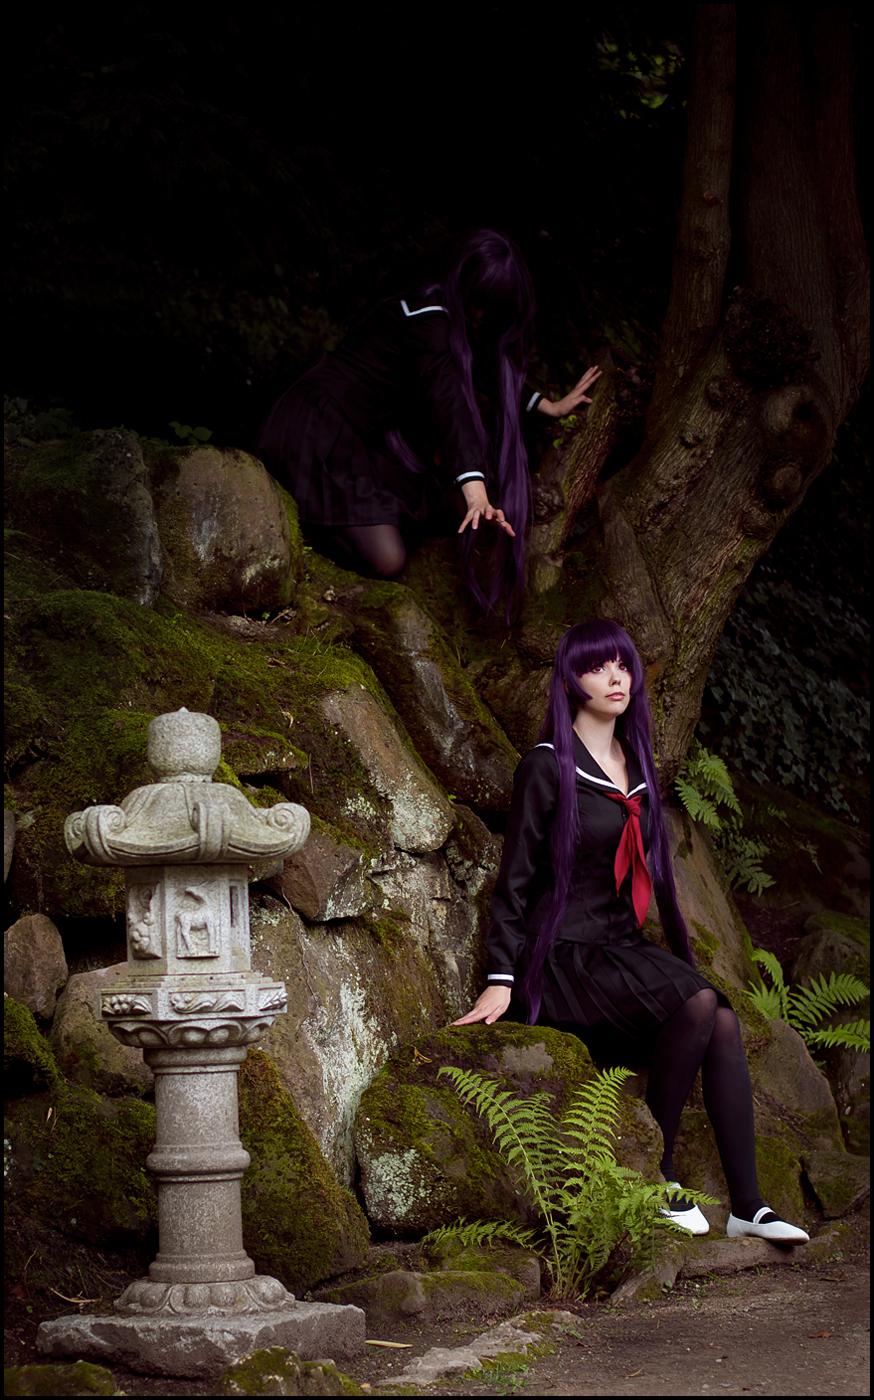 Tasogare Otome X Amnesia - Yuuko Kanoe by Calssara